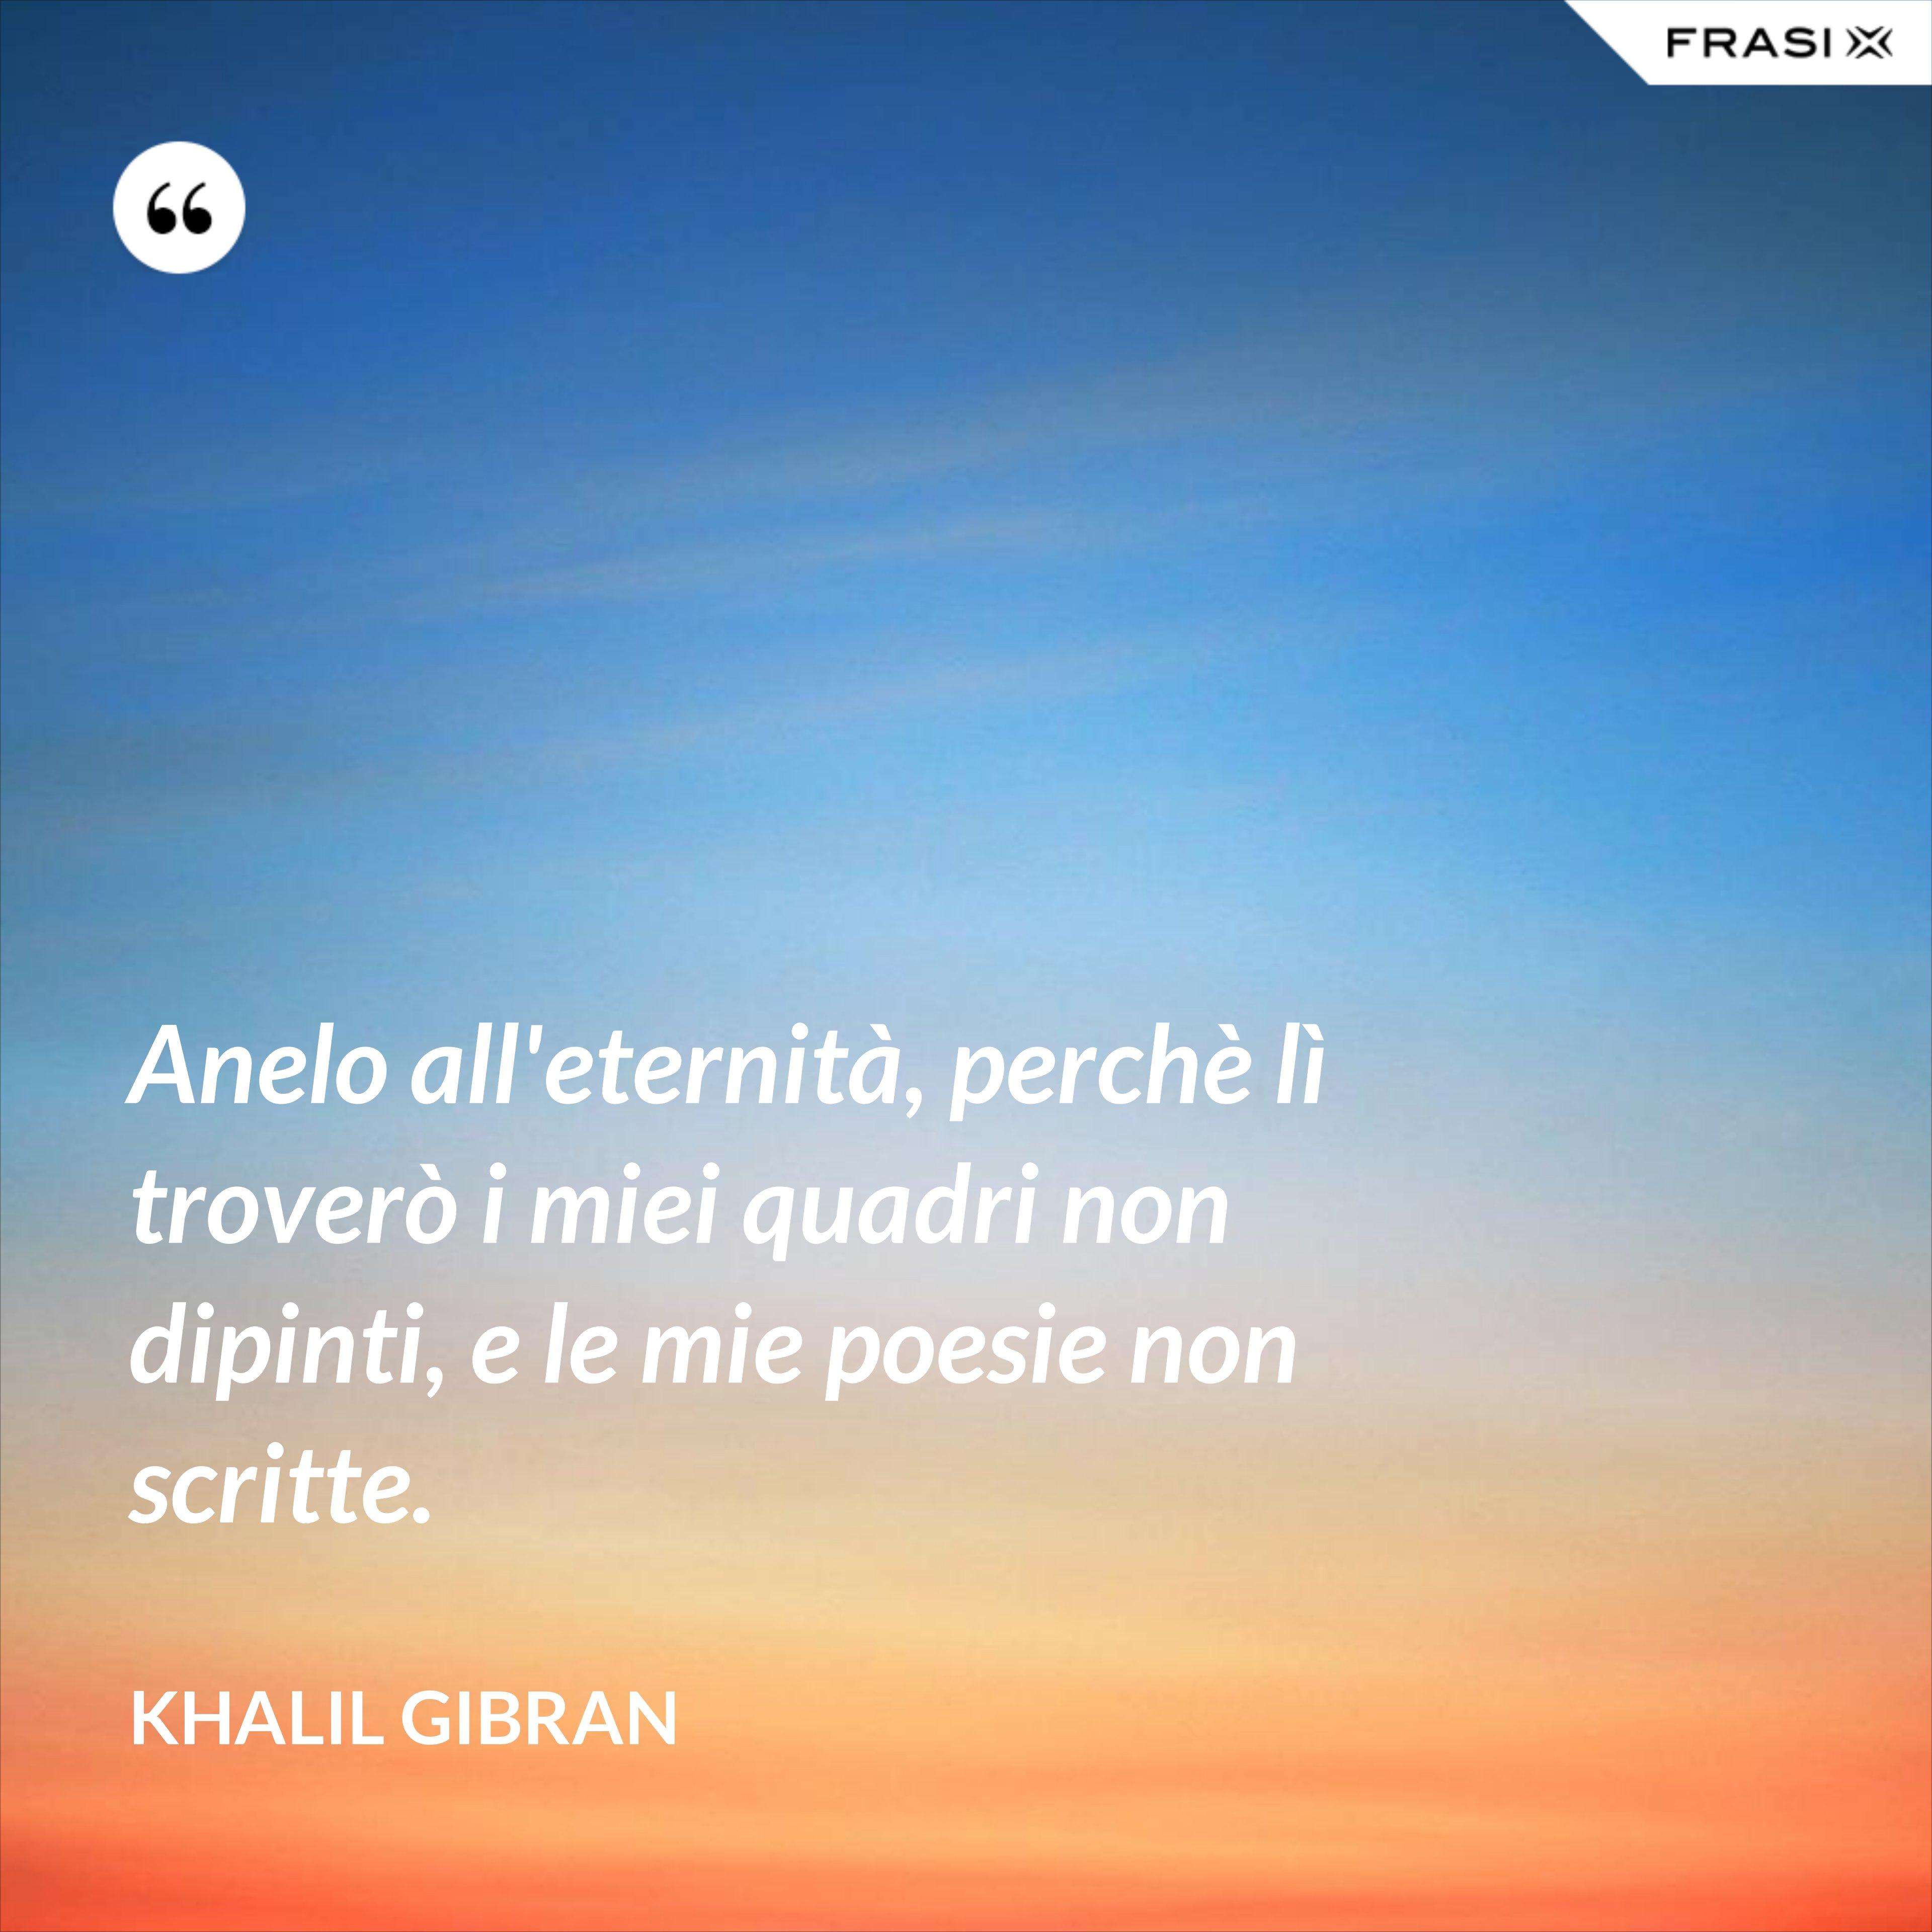 Anelo all'eternità, perchè lì troverò i miei quadri non dipinti, e le mie poesie non scritte. - Khalil Gibran